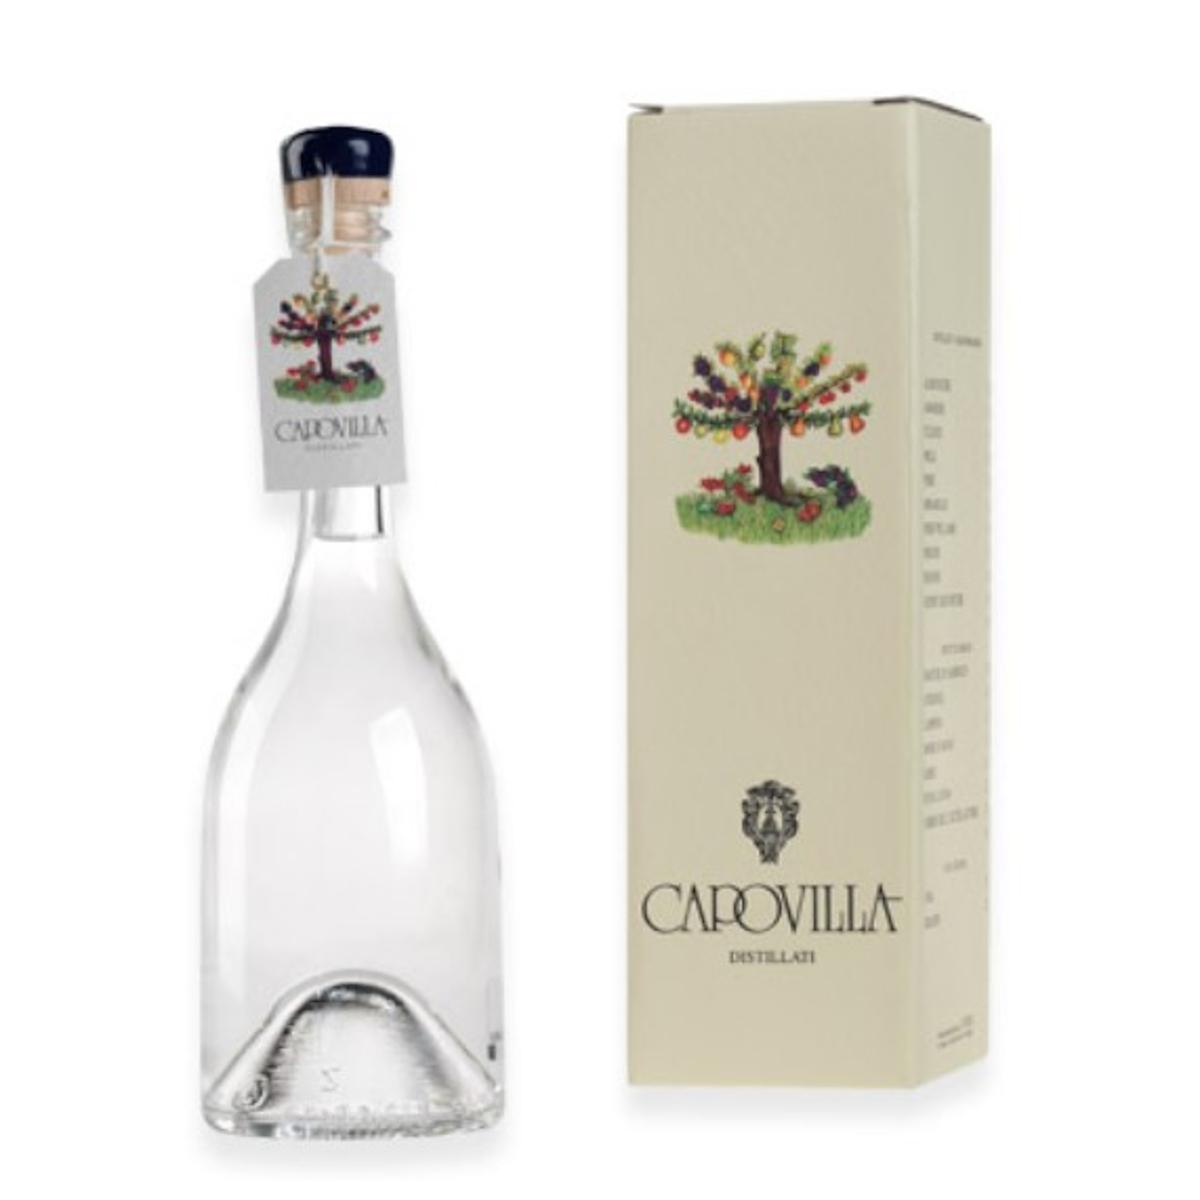 Distillato di Prugne selvatiche - Wildzwetschgenbrand - Capovilla Distillati